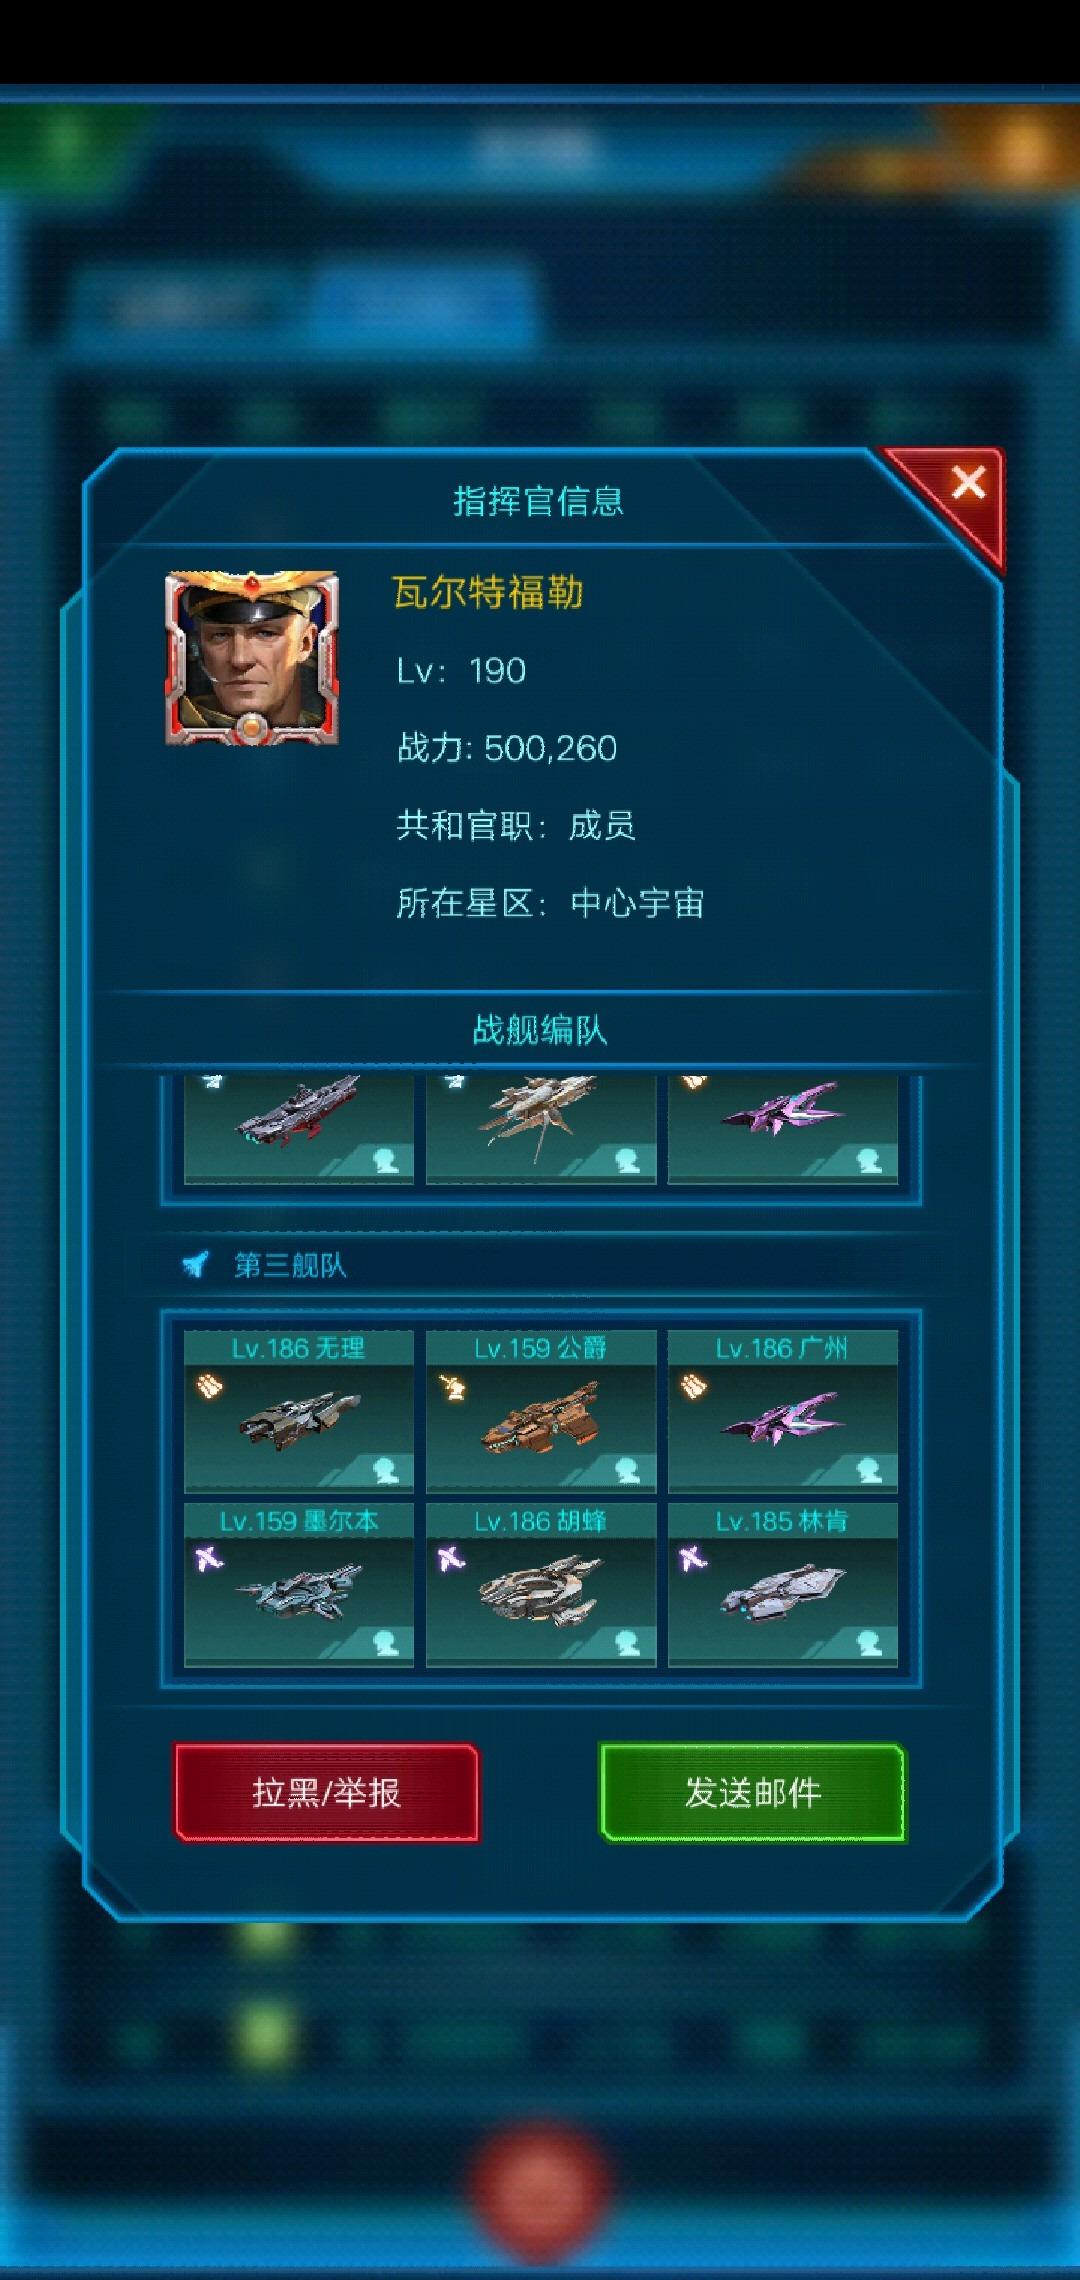 Screenshot_2019_0730_145244.jpg